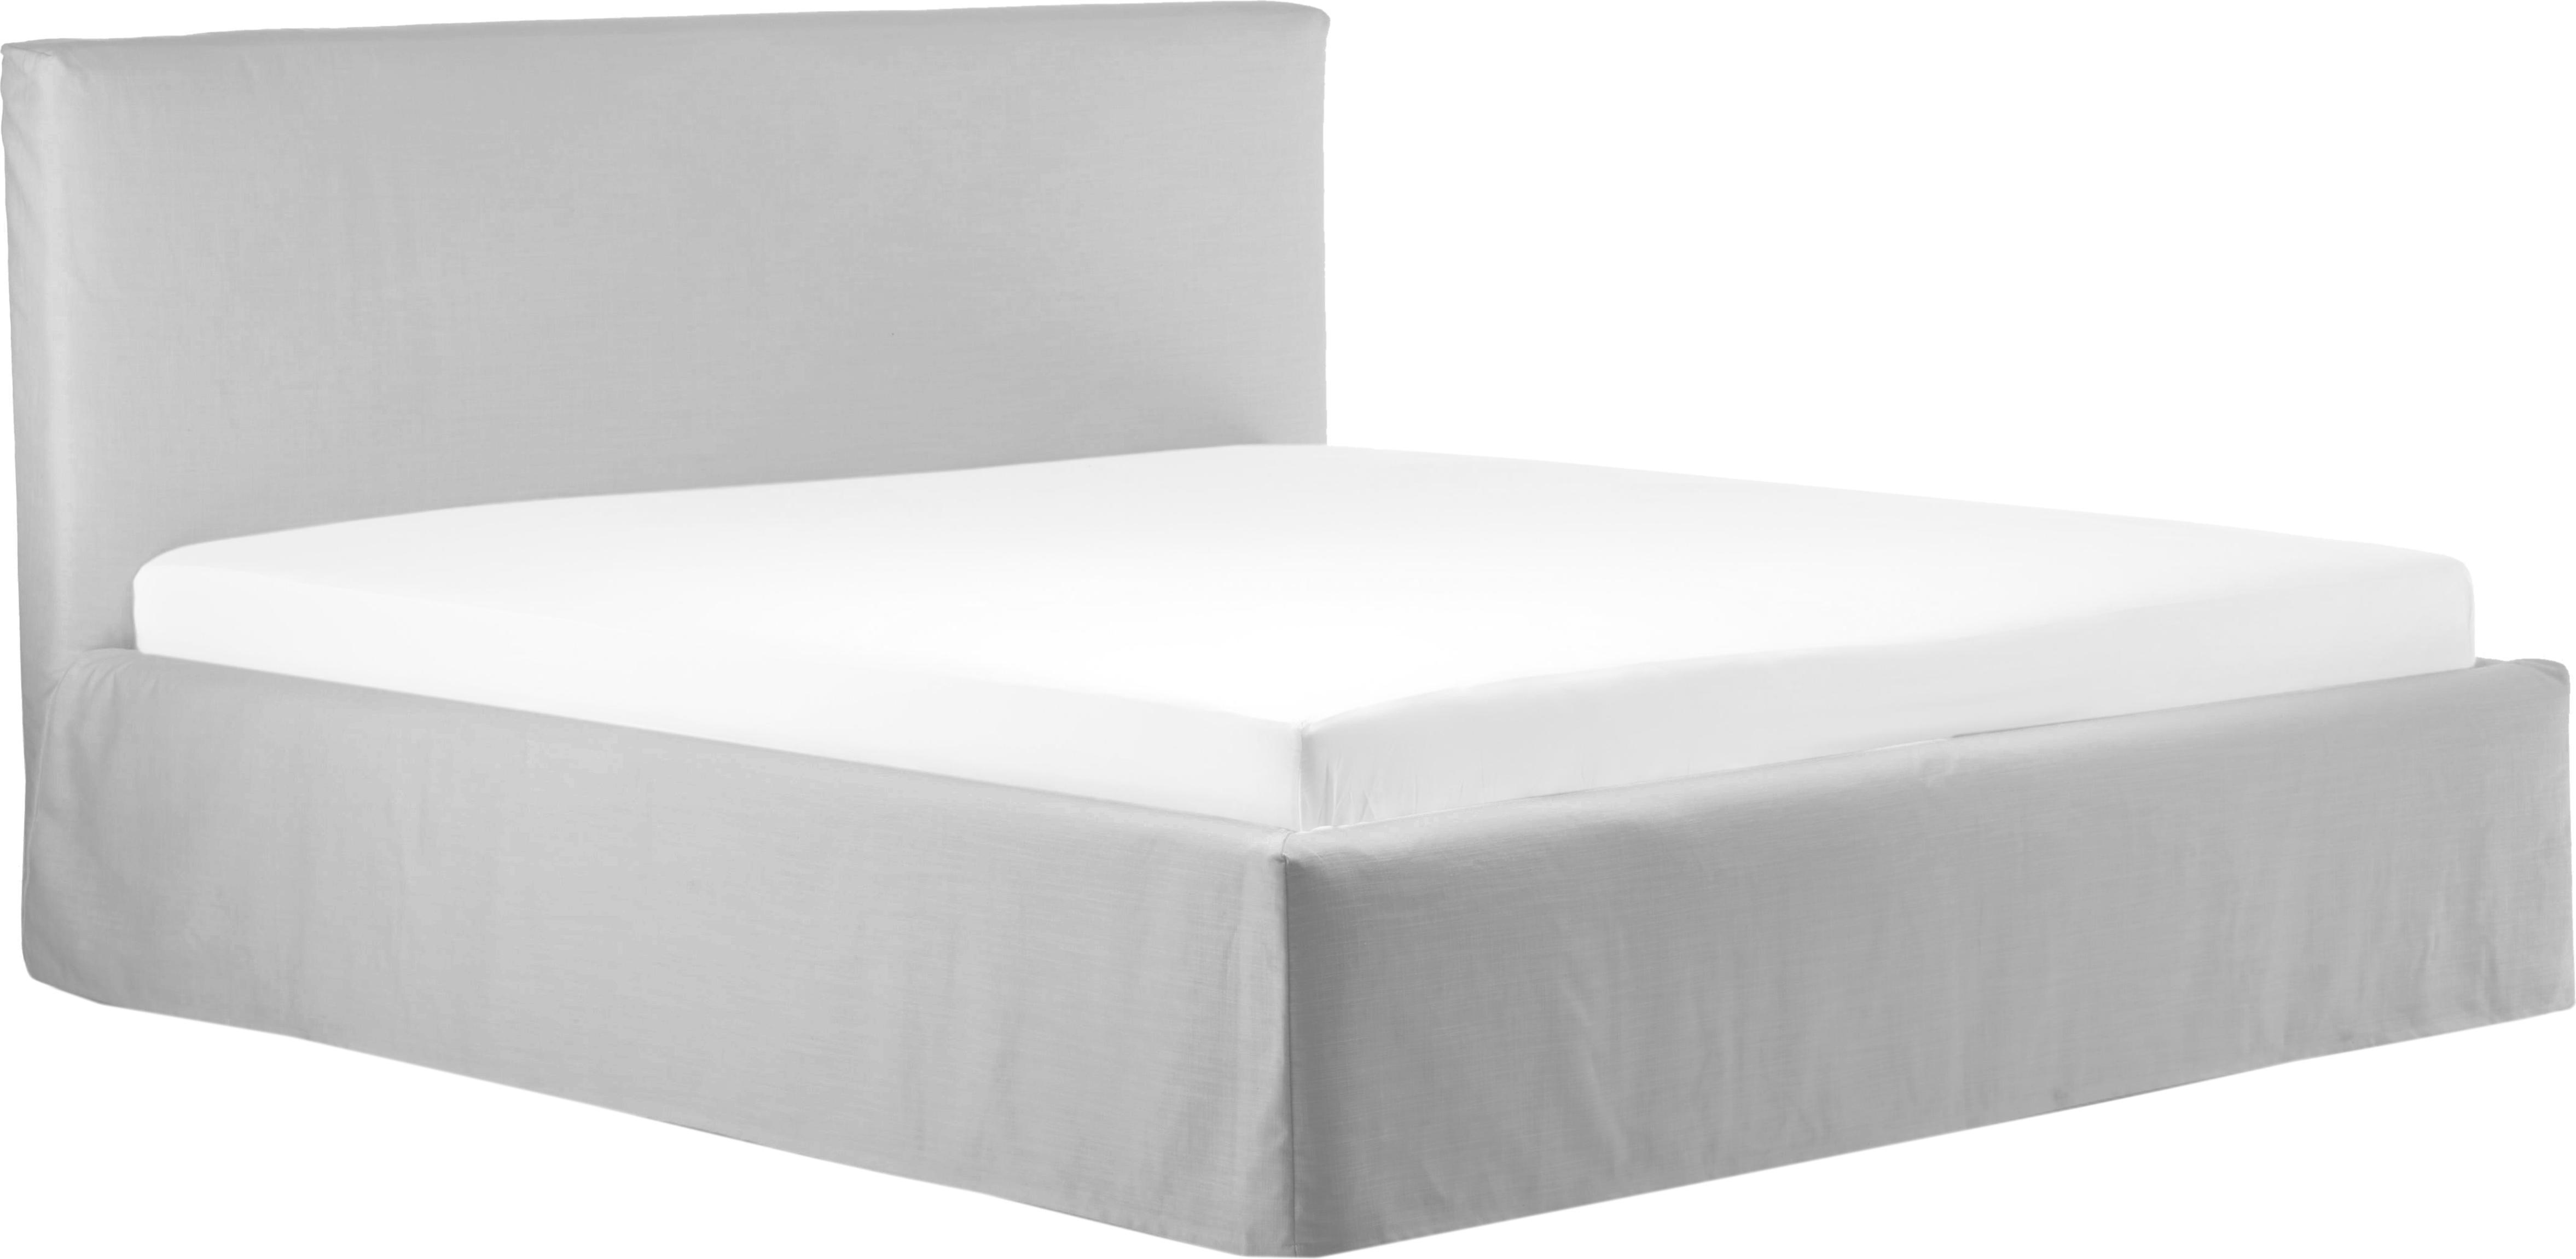 Łóżko tapicerowane  z funkcją przechowywania Feather, Korpus: lite drewno sosnowe, Tapicerka: poliester (materiał tekst, Jasny szary, 180 x 200 cm